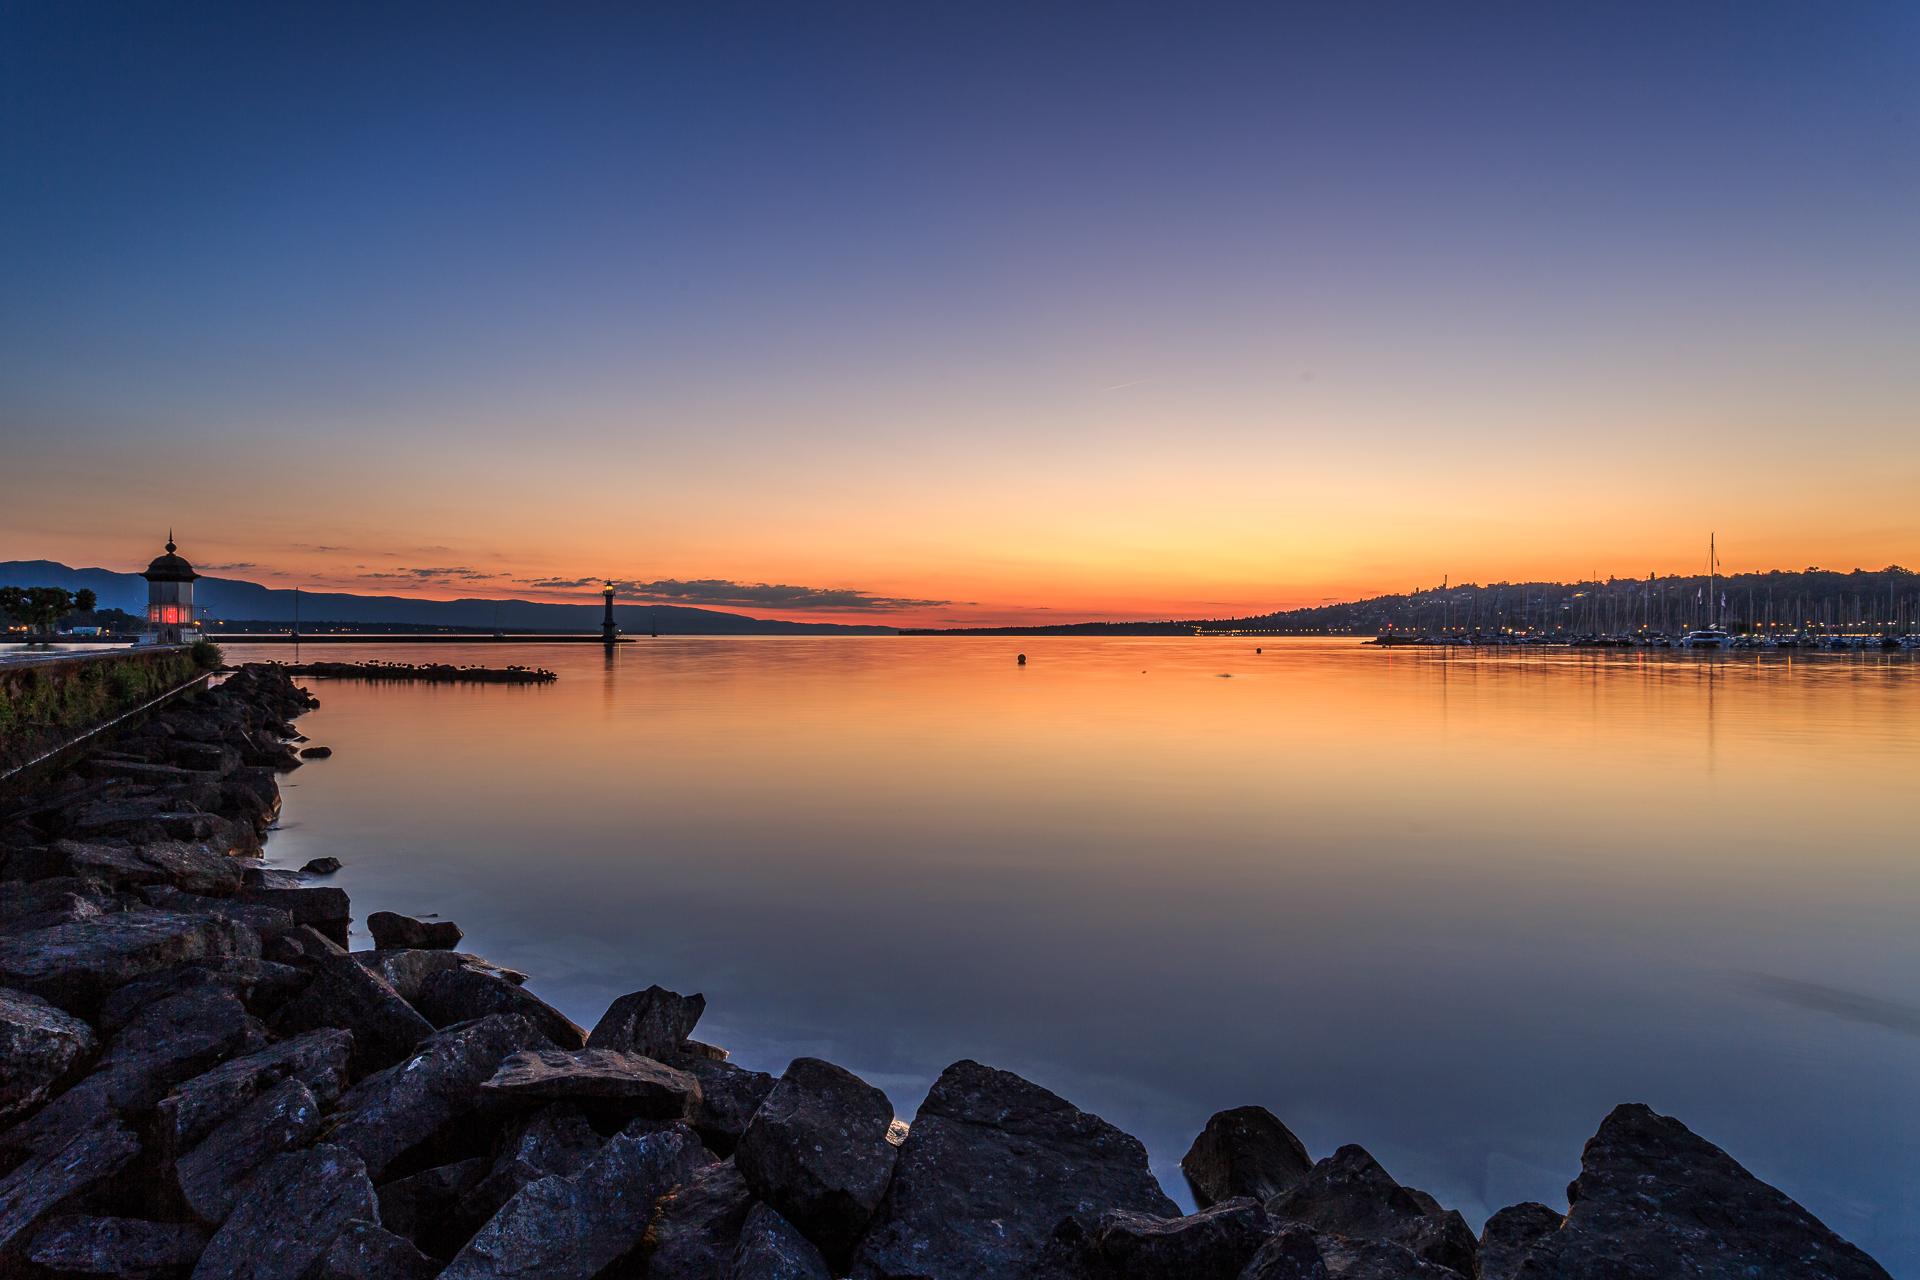 sunrise-jetdeau